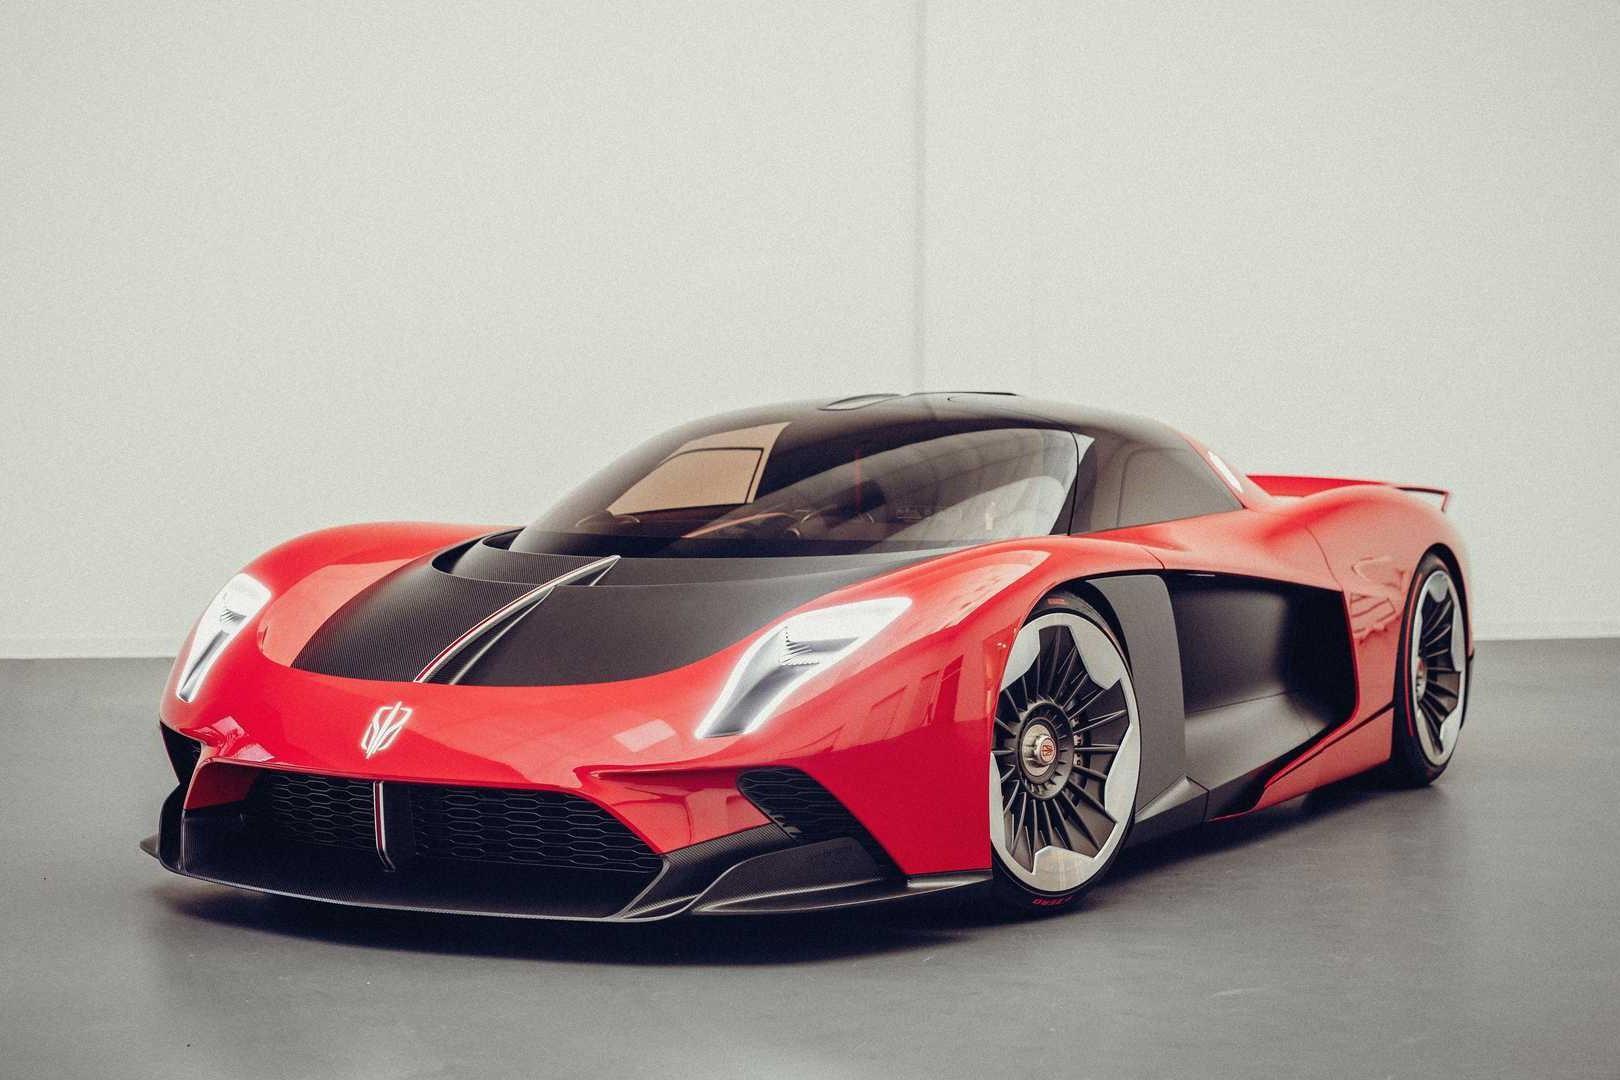 百公里加速1.9秒的红旗 S9即将亮相米兰设计周